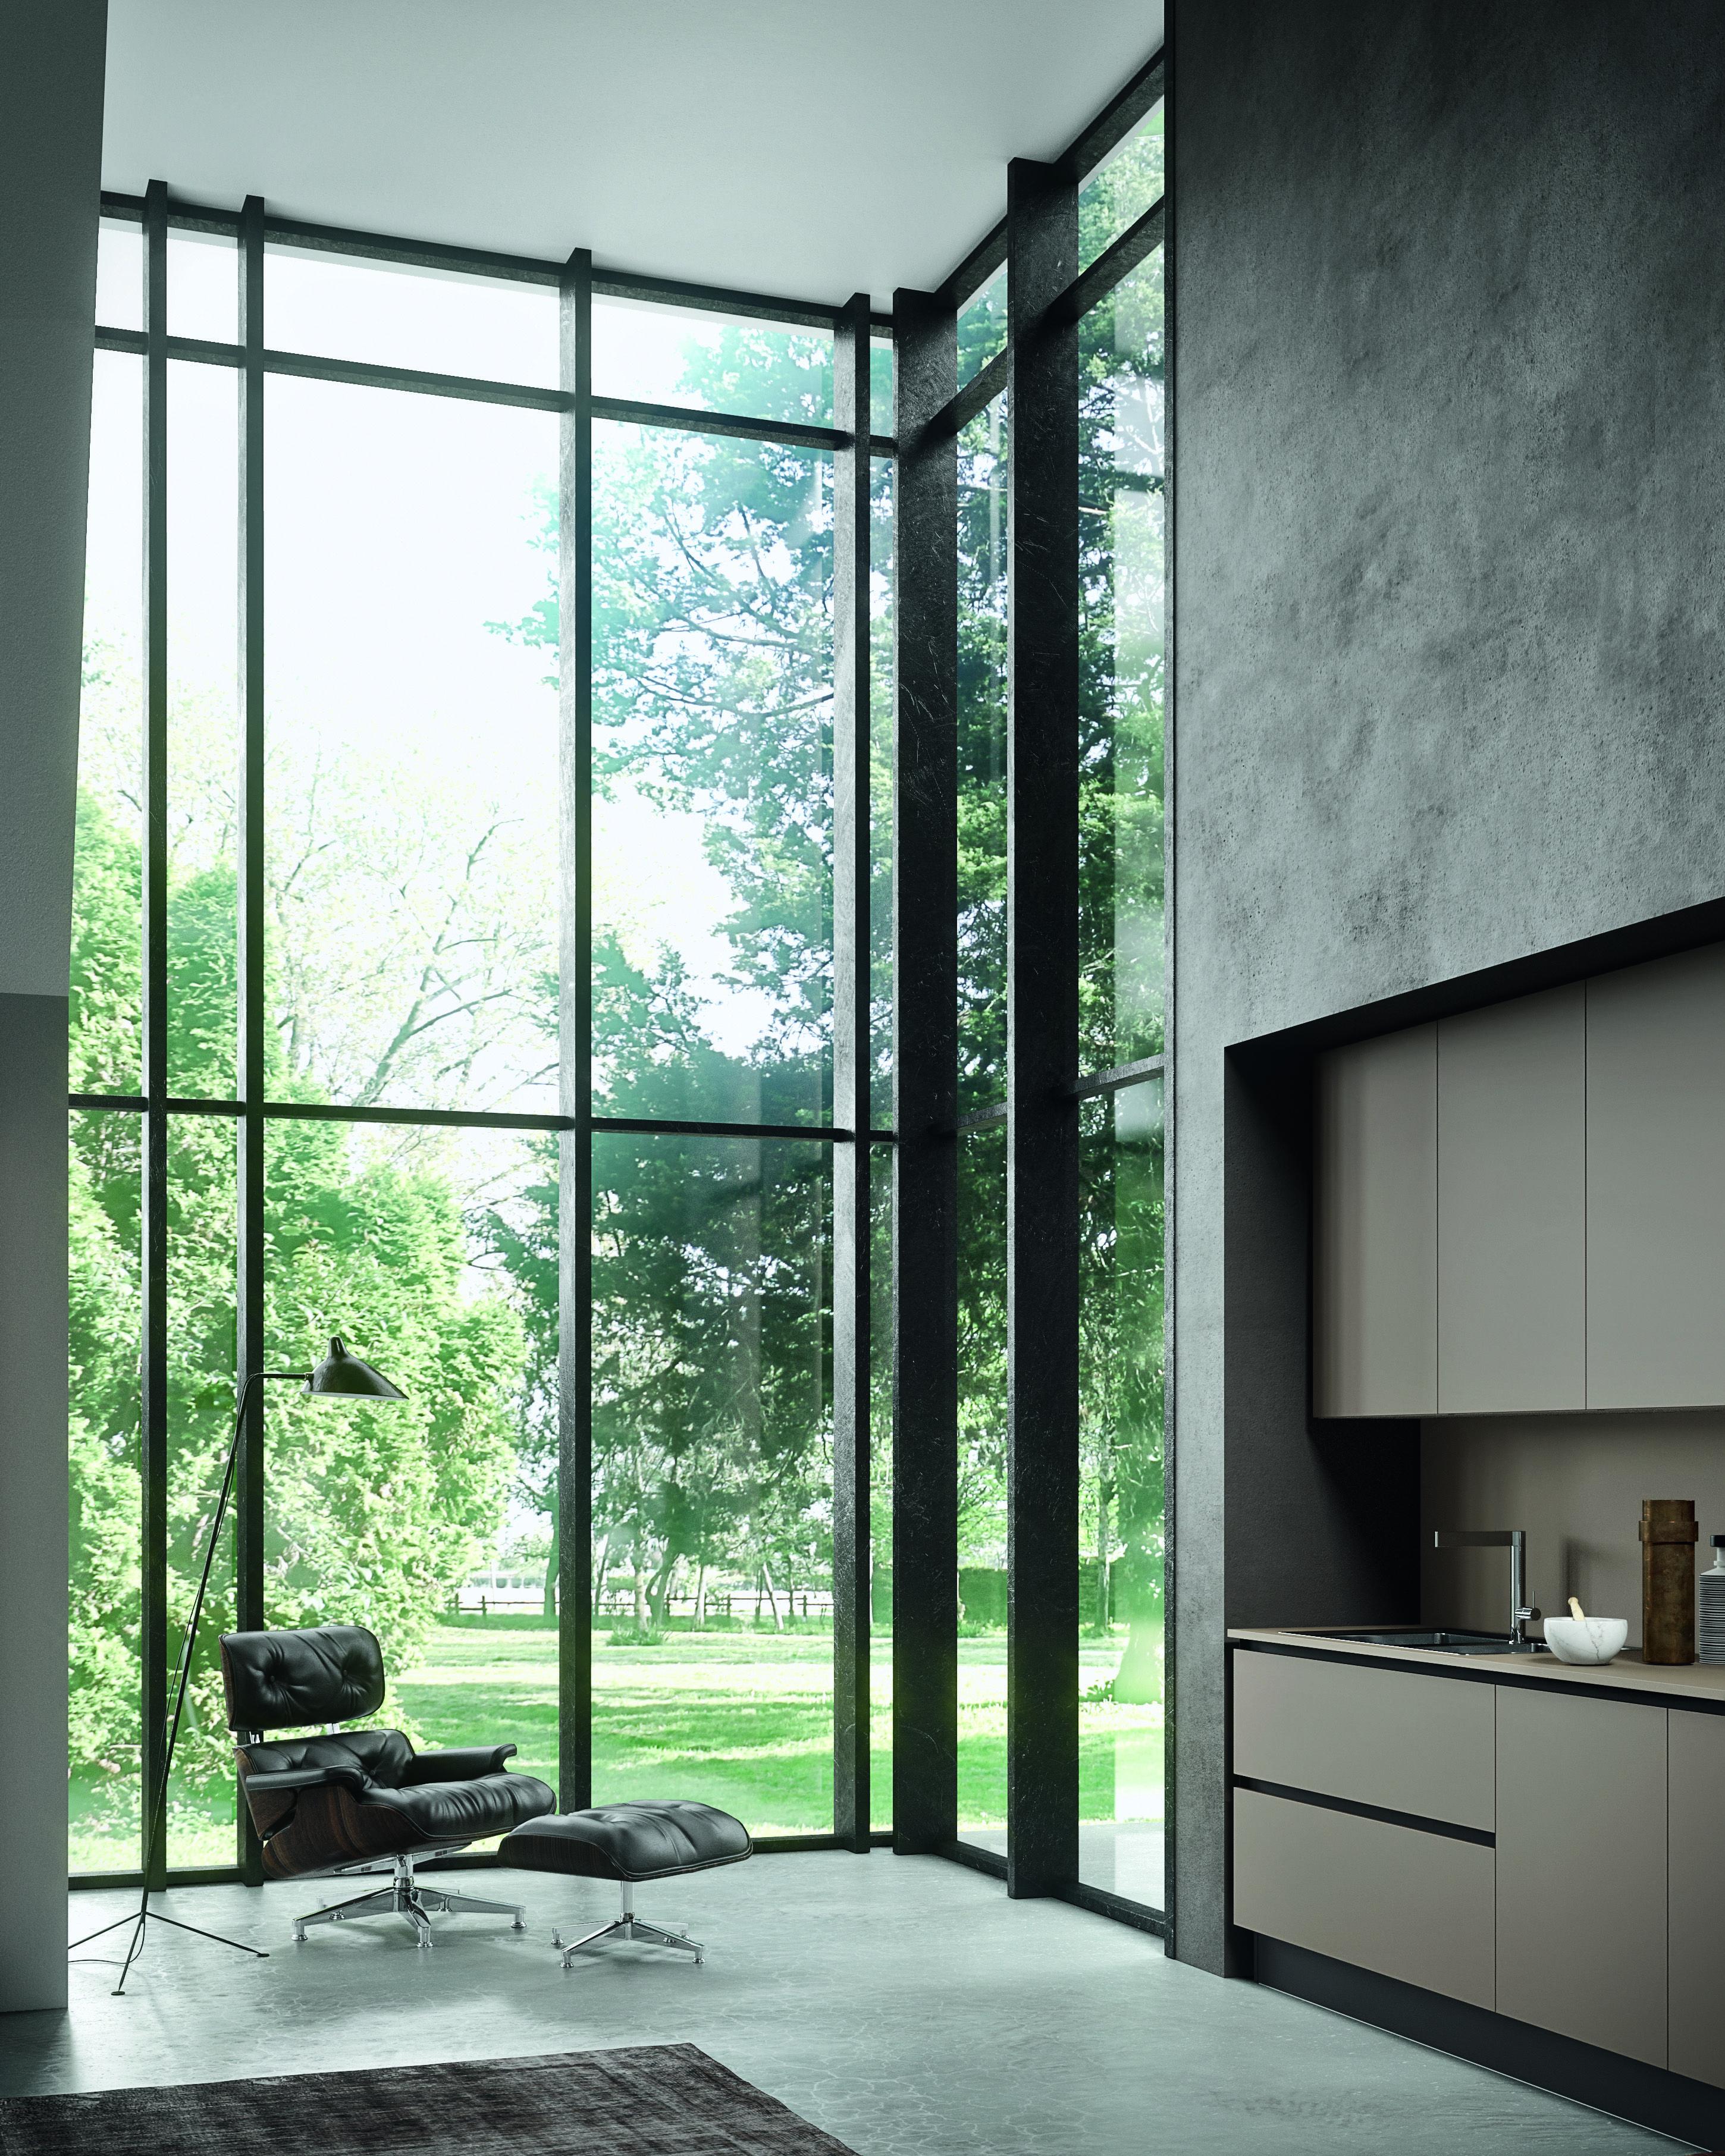 Eko gloss lacquers and woods nel 2019 architettura di for Architettura interni case